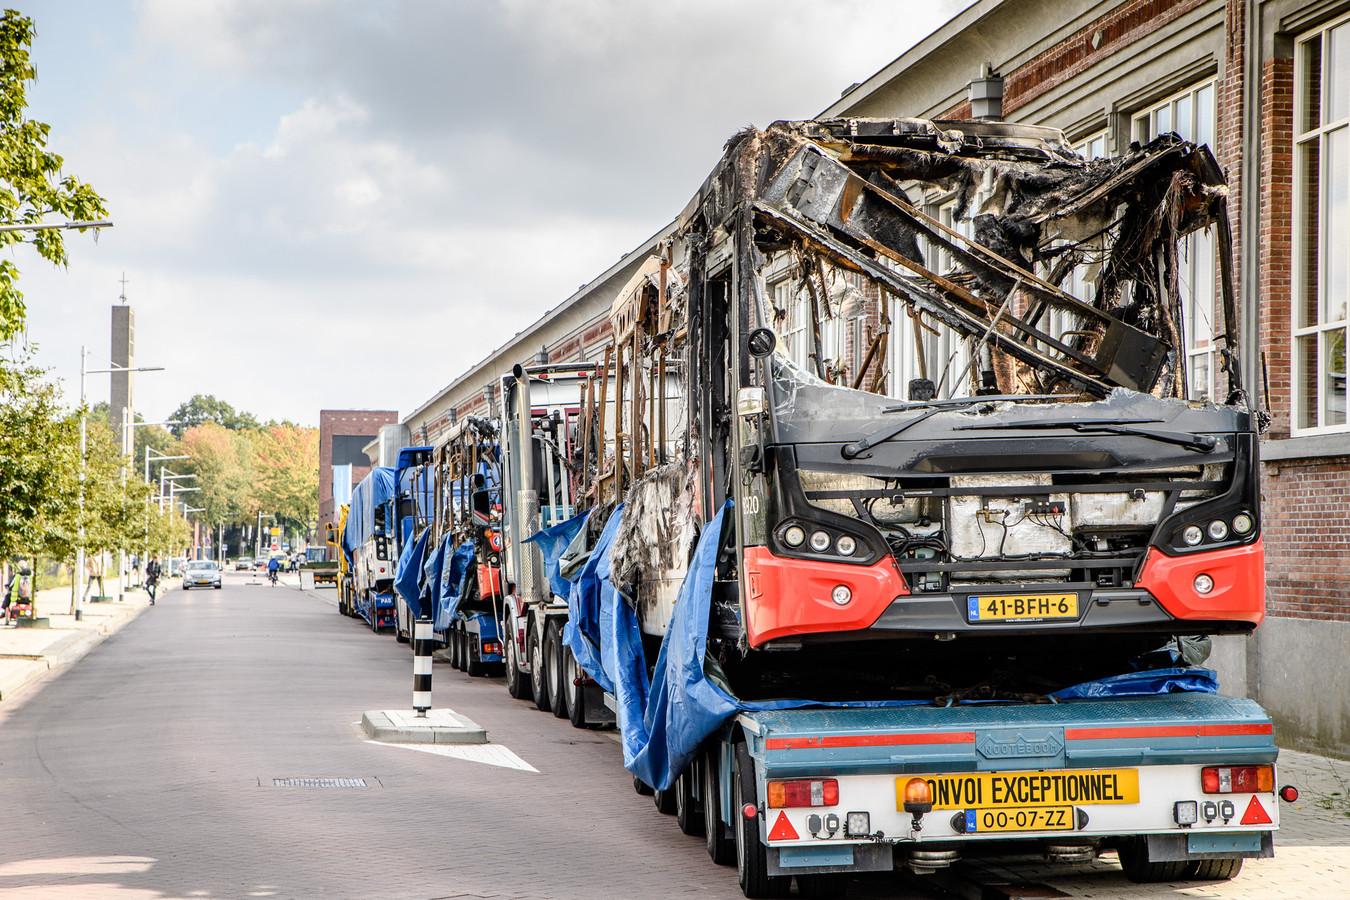 De door de brand verwoeste bussen uit de remise van Arriva worden afgevoerd.